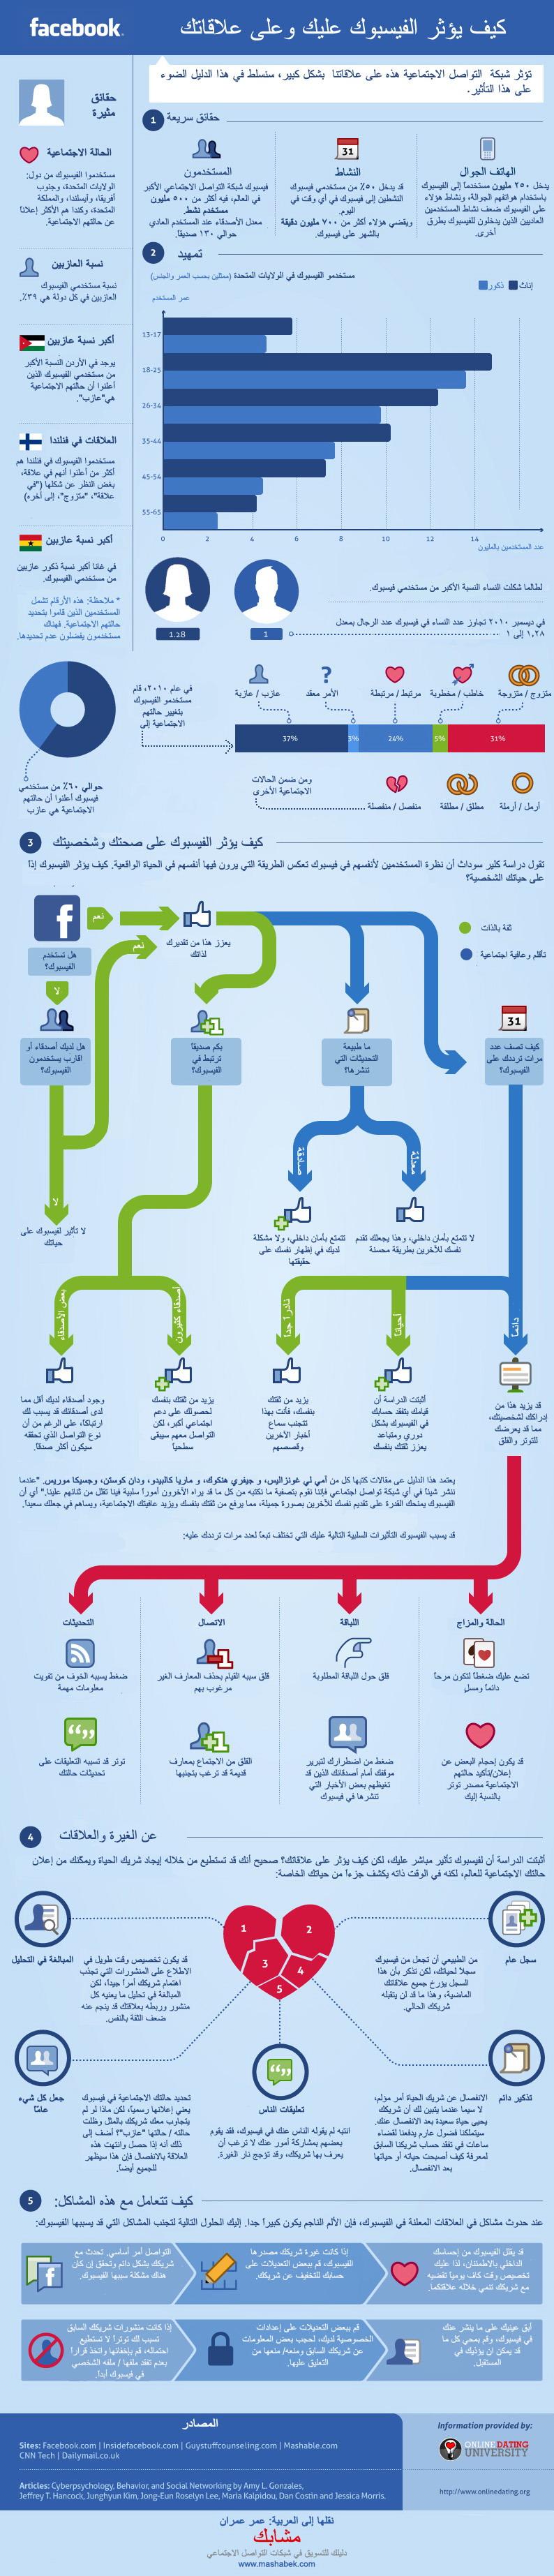 facebook relationships infographic arabic كيف يؤثر الفيسبوك عليك وعلى علاقاتك الاجتماعية   معلومات مصورة